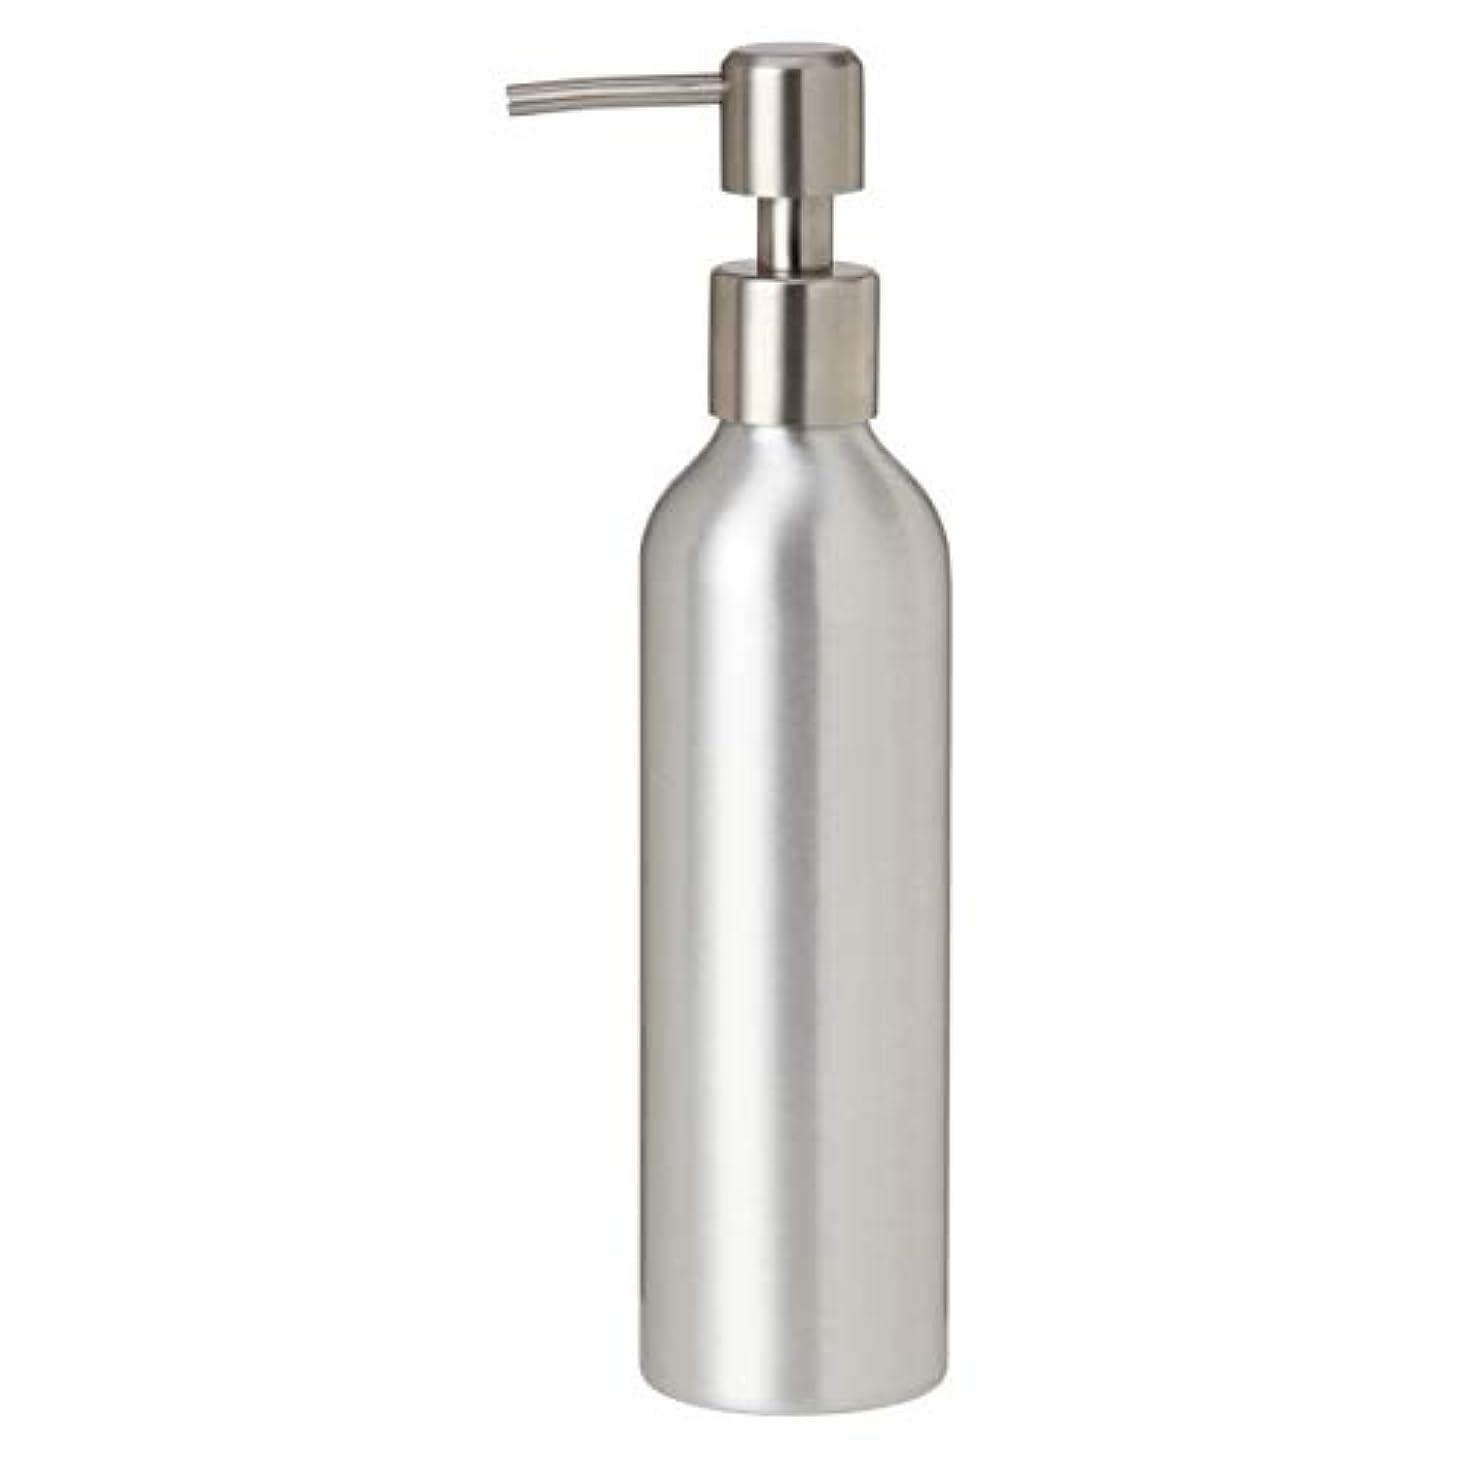 アルミポンプボトル 250mL [ オイルウォーマー オイルトリートメント オイルボトル マッサージオイル アロママッサージオイル ボディマッサージオイル ボディオイル アロマオイル ]